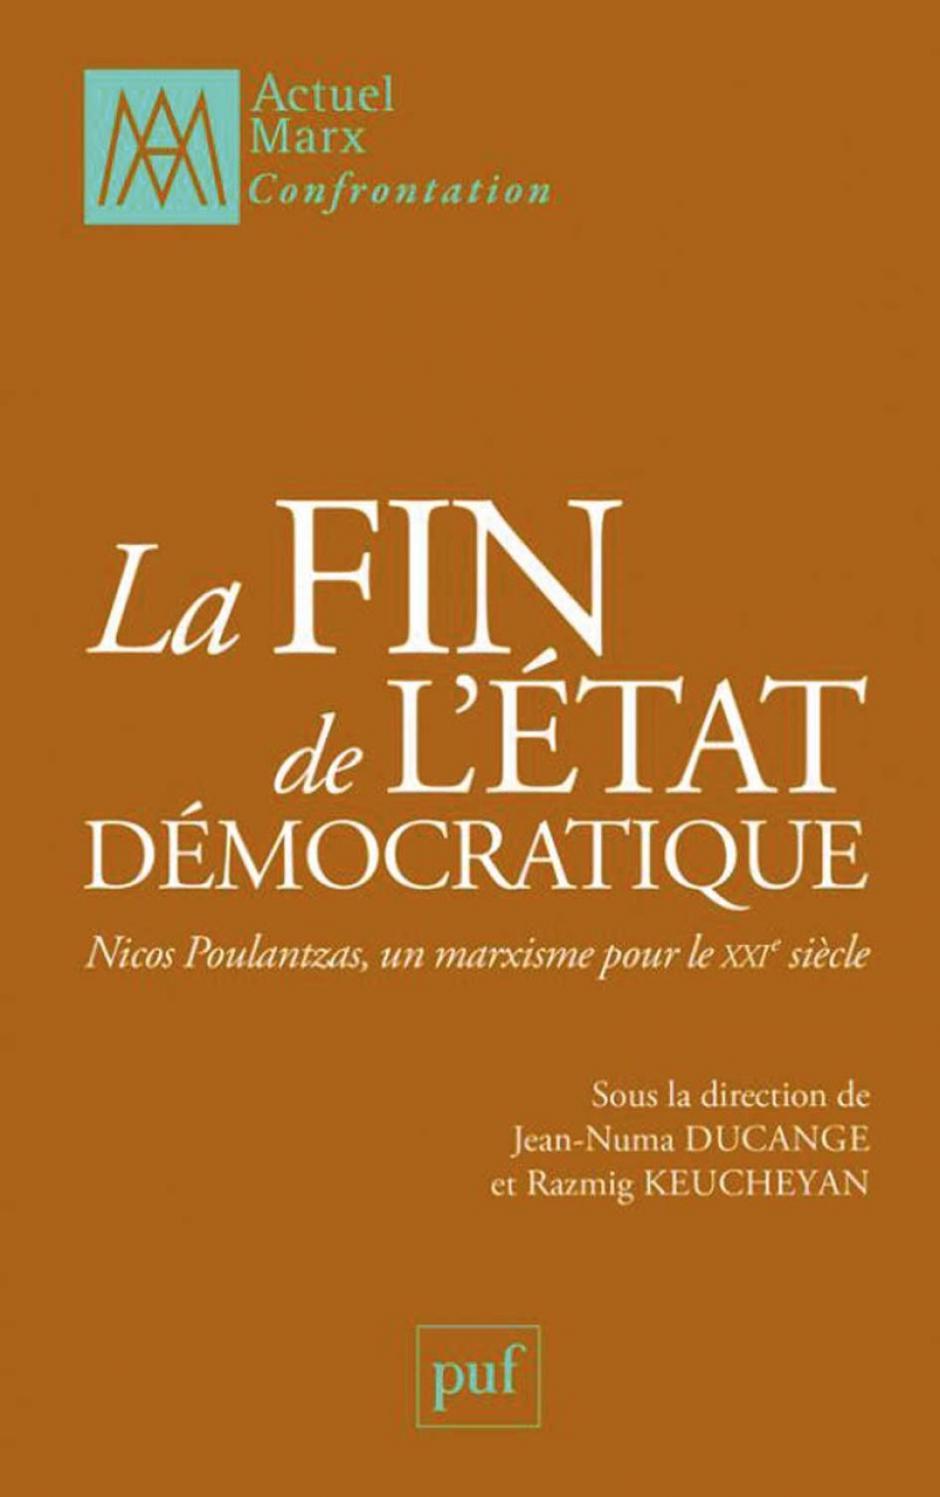 La Fin de l'État démocratique,  Nicos Poulantzas, un marxisme pour le XXIe siècle, Jean-Numa Ducange, Razmig Keucheyan (dir.)